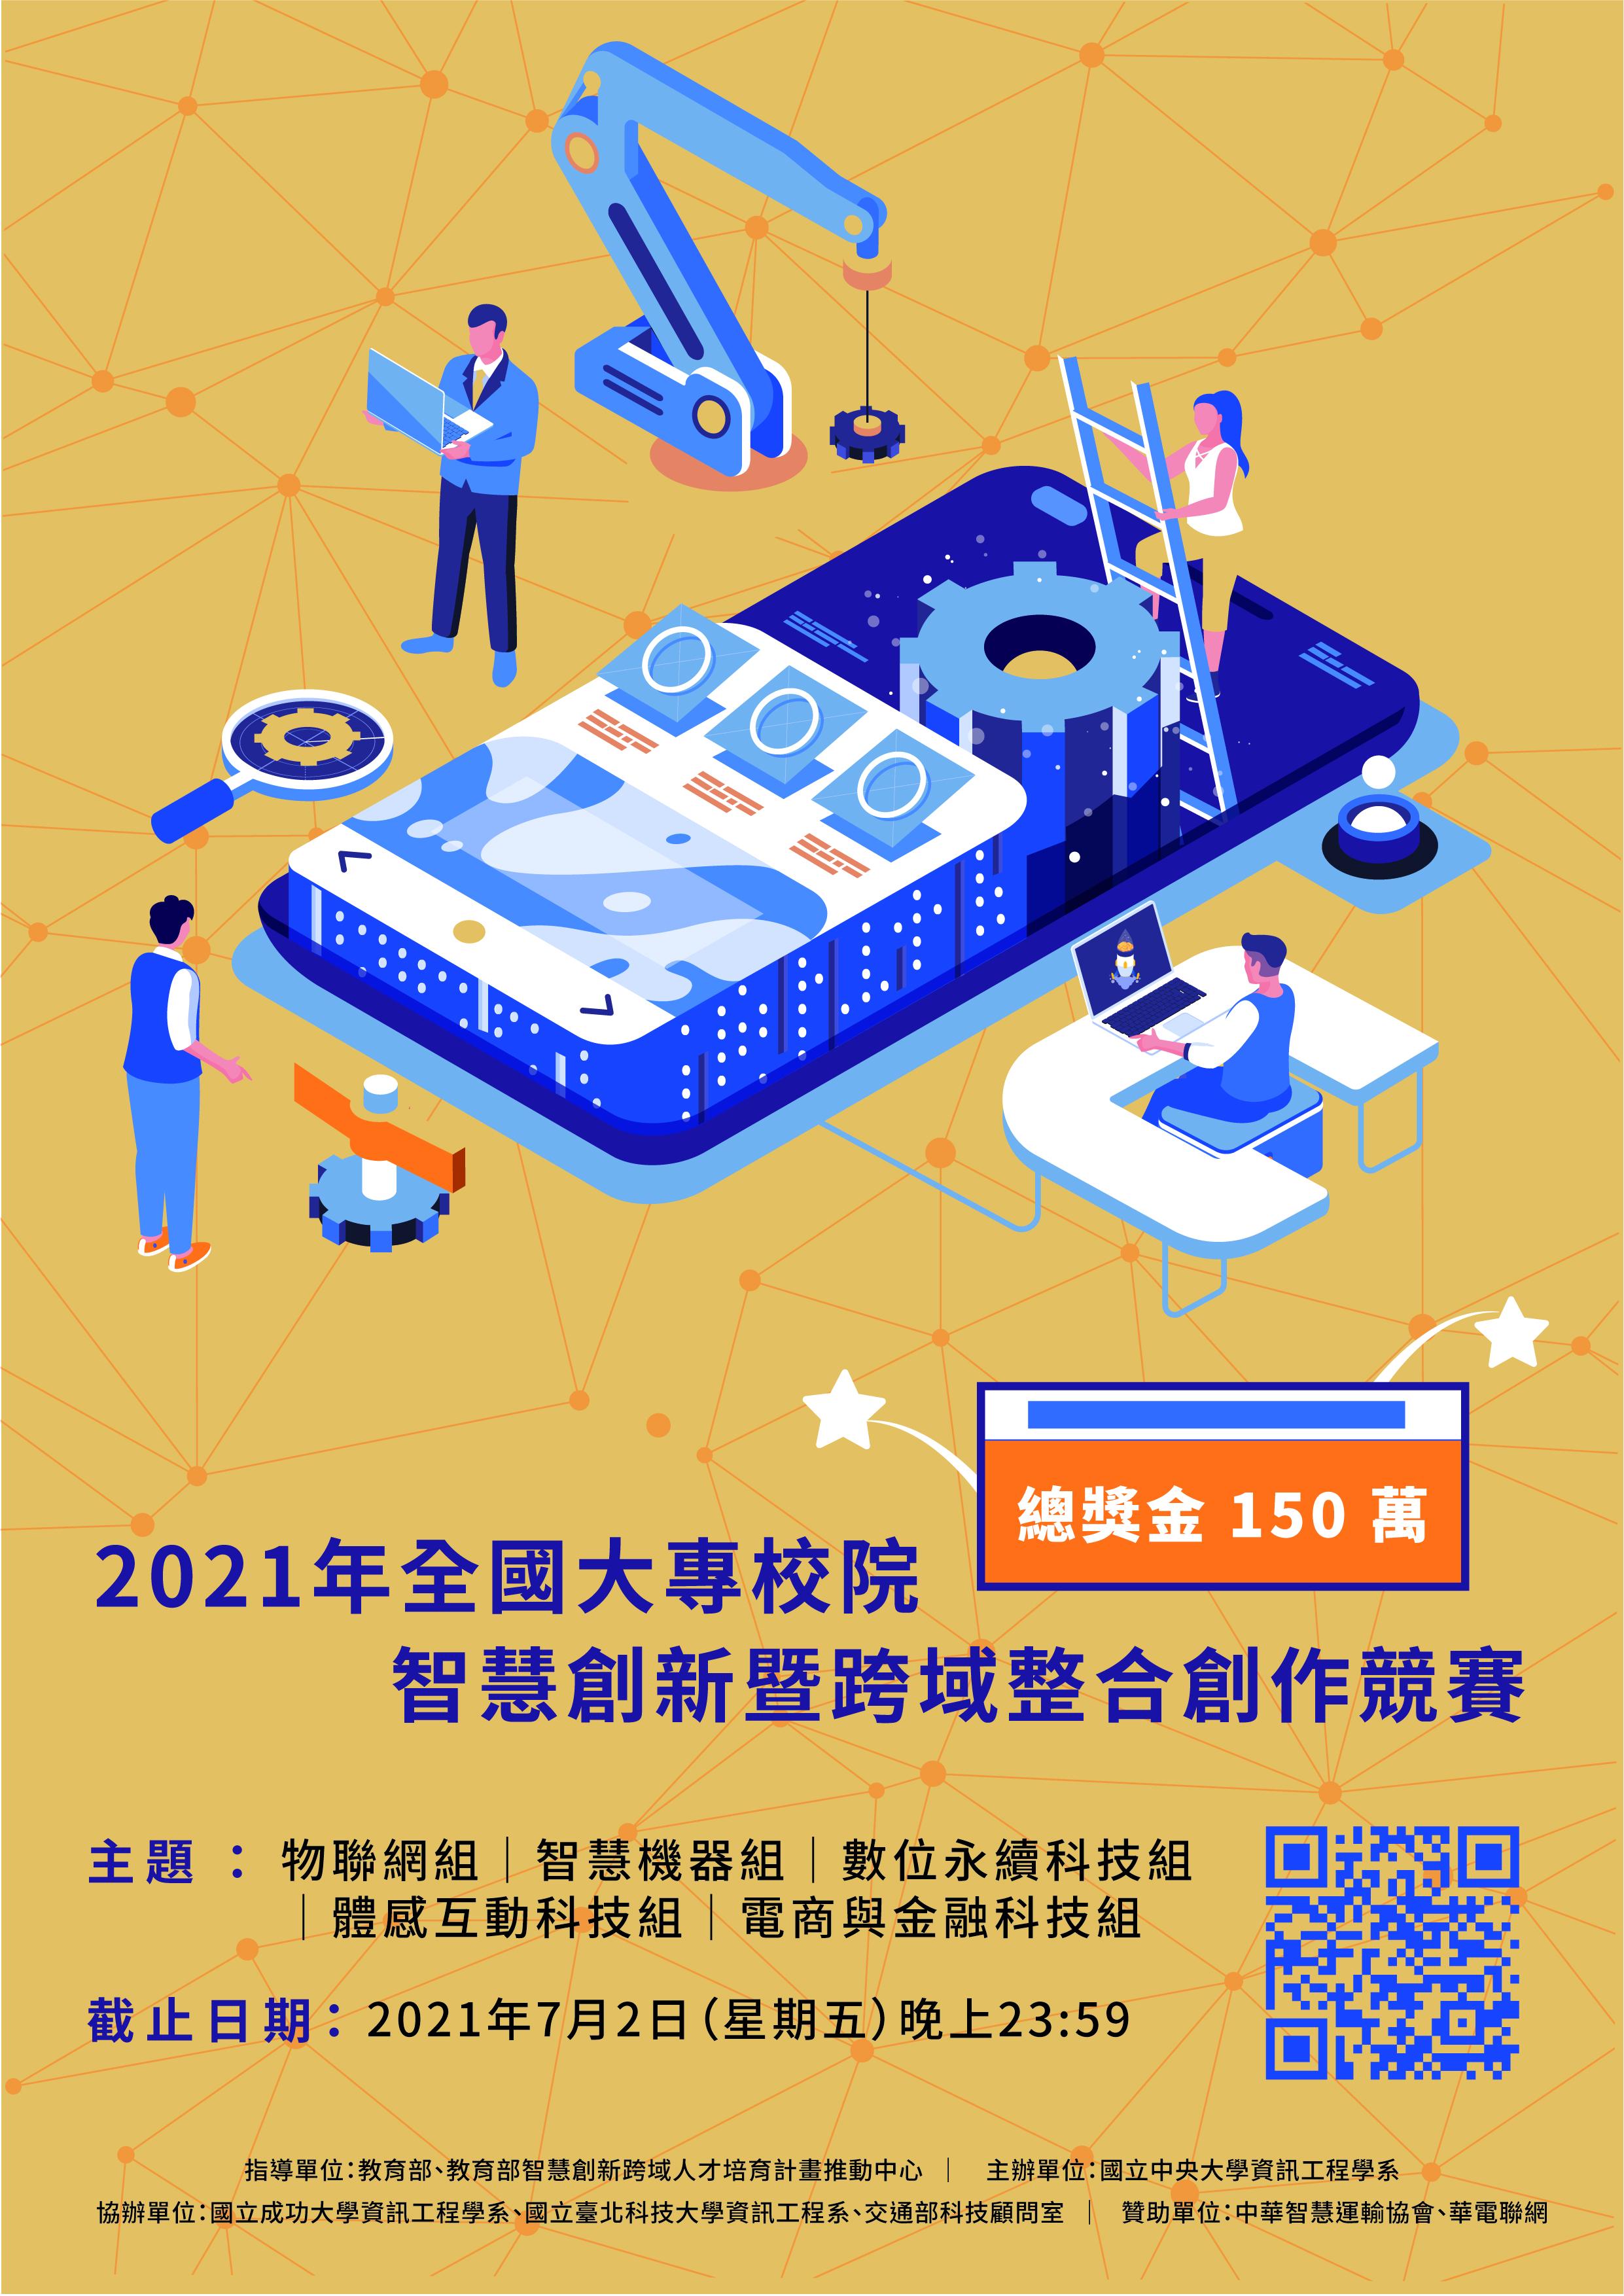 2021全國大專校院智慧創新暨跨域整合創作競賽